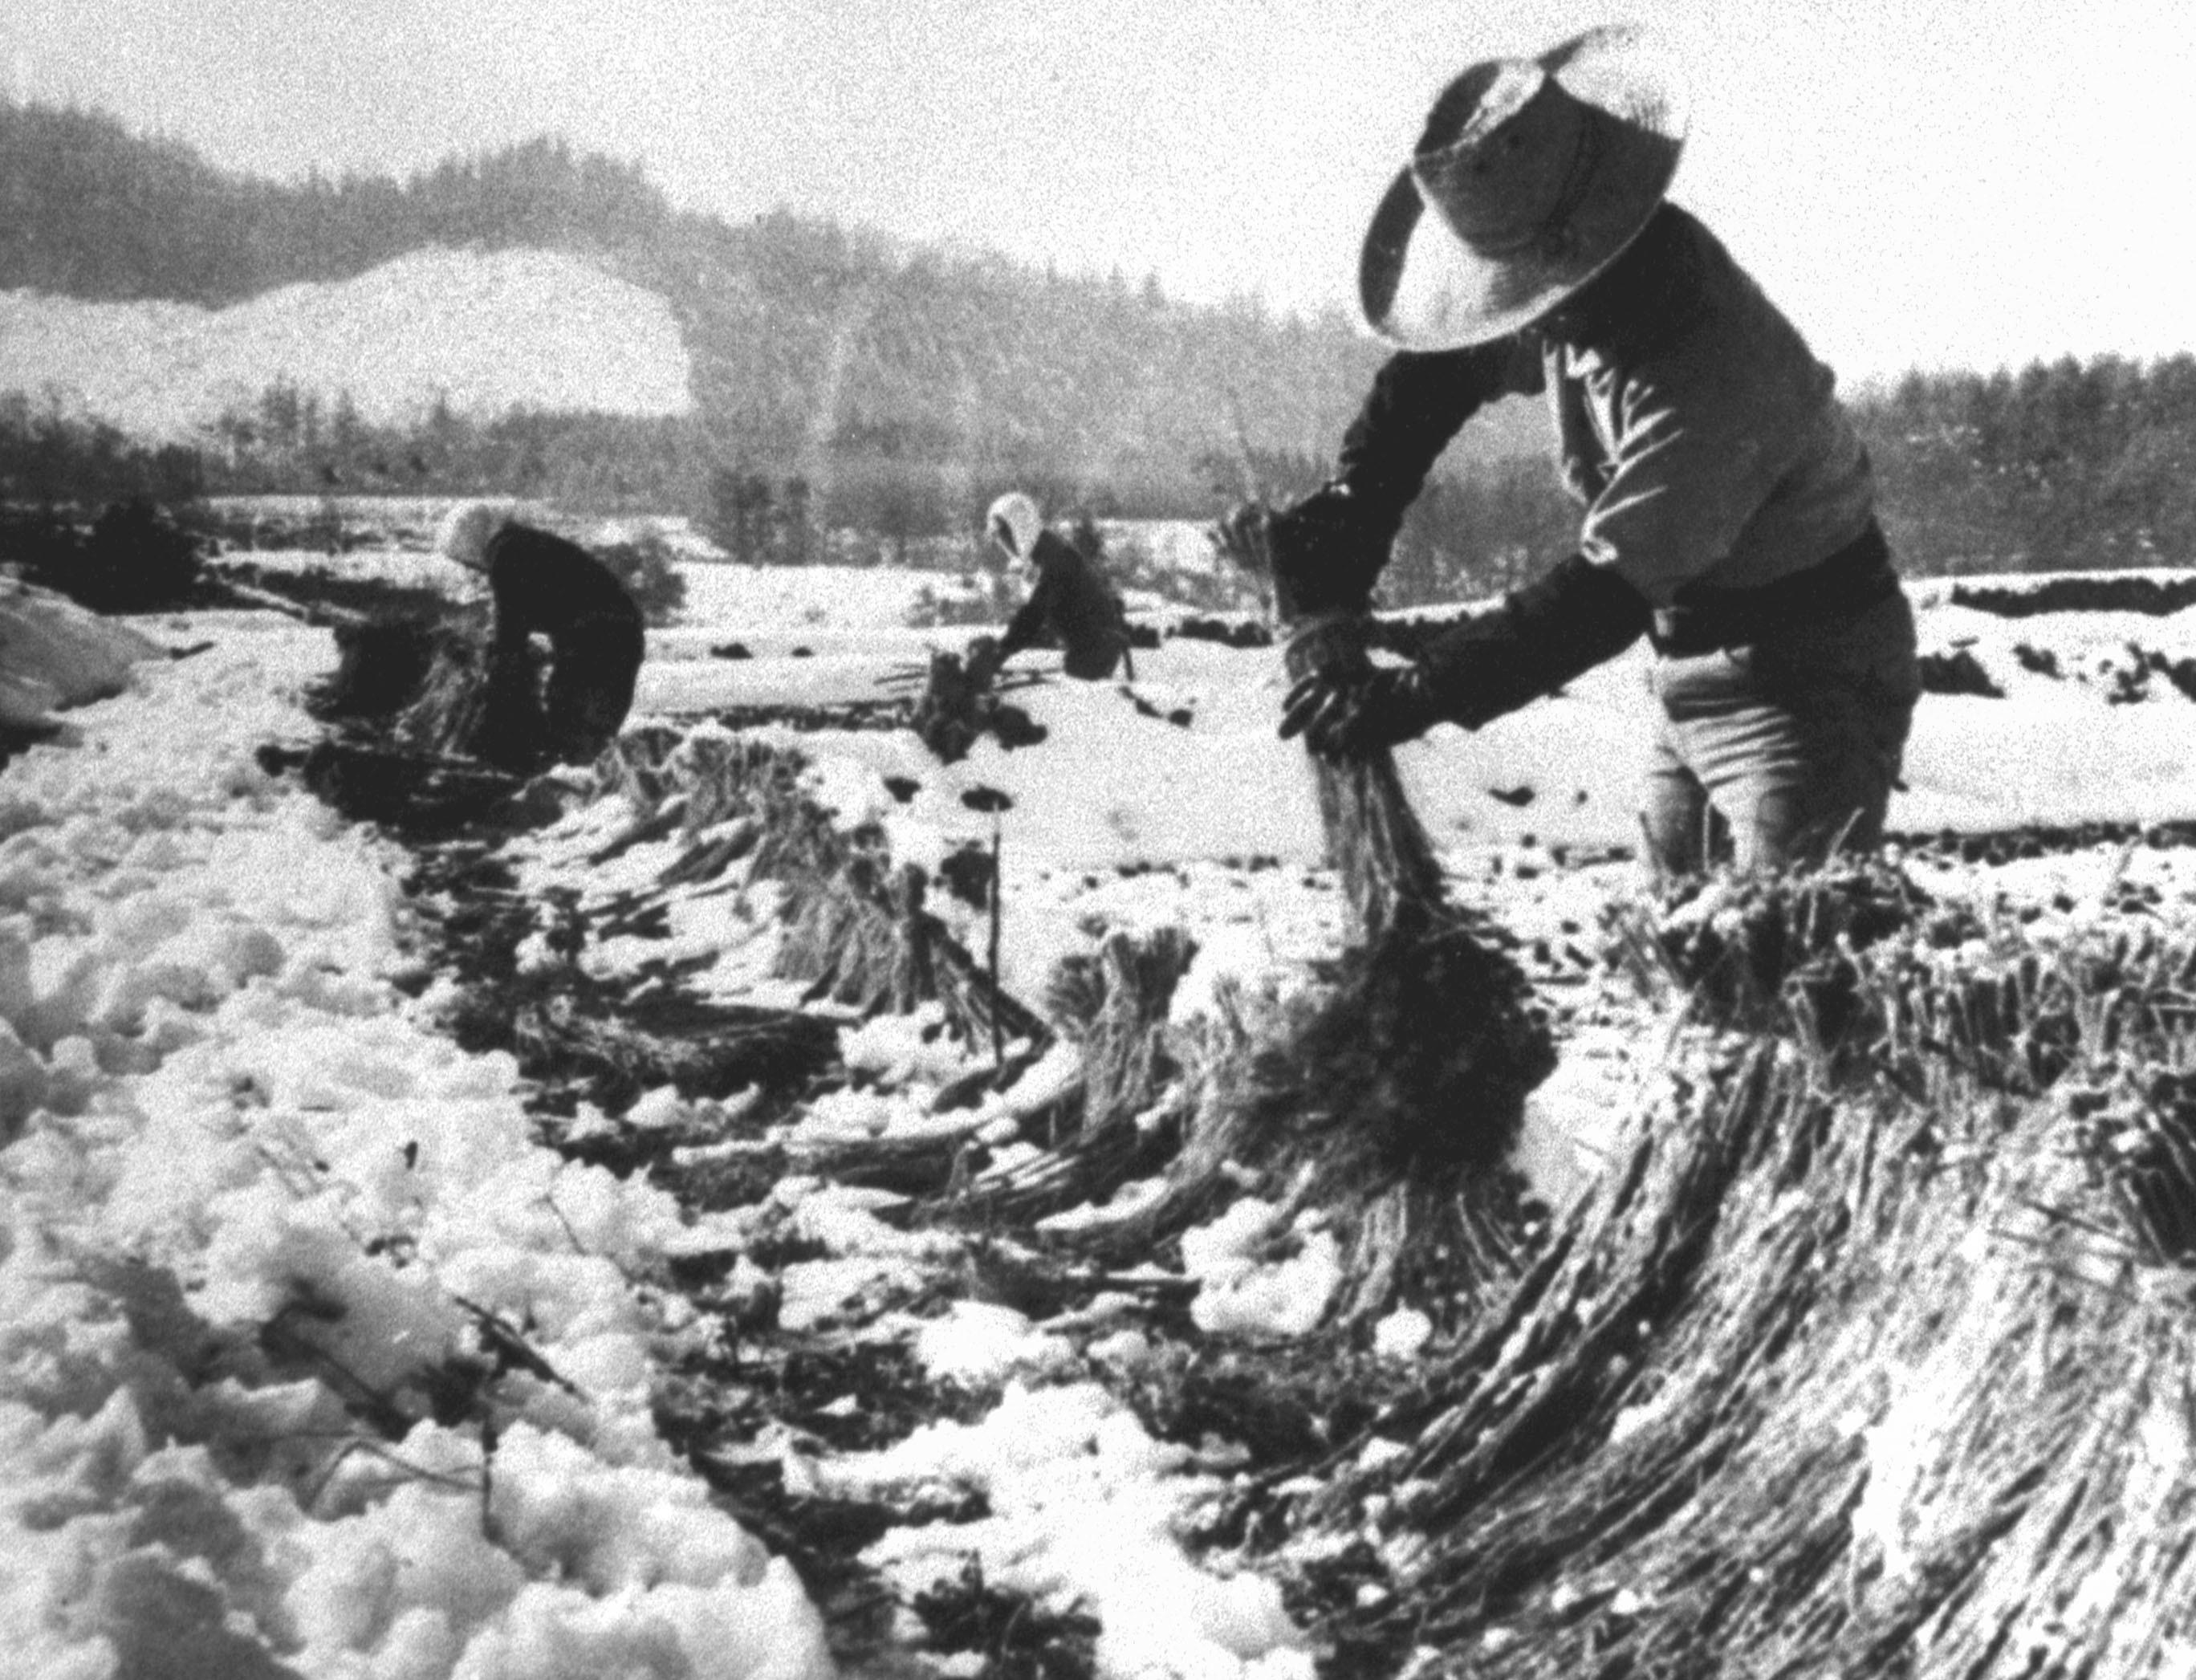 1964年10月、雪が積もった北海道の水田